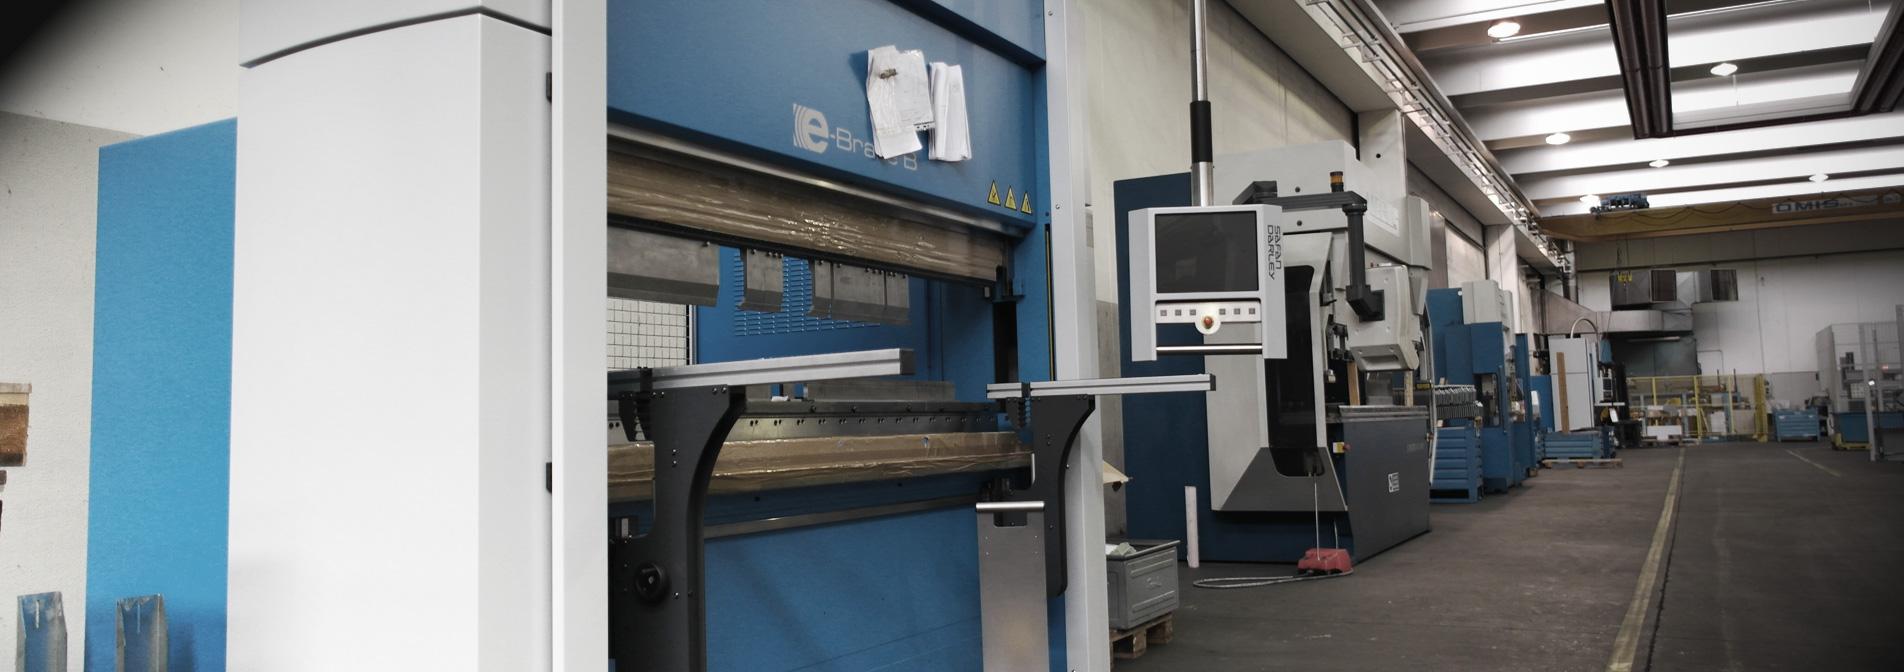 Taglio Laser, Punzonatura, Piegatura e Calandratura C.N.C